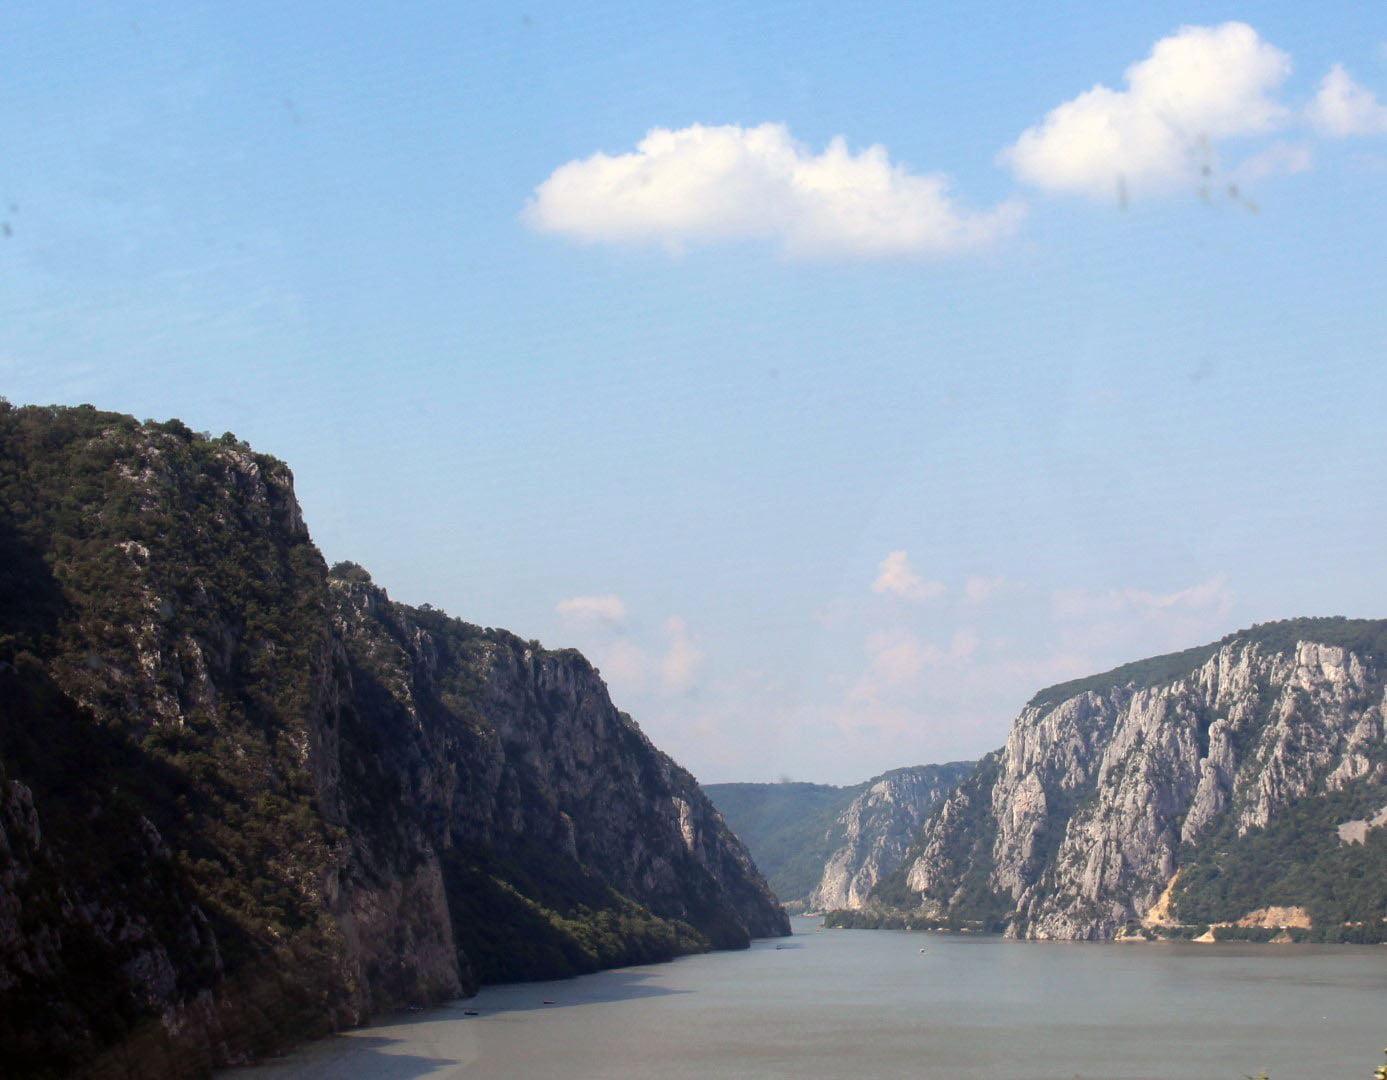 Srbija_Dunav_zoznja_brodom_kazani_izlet_akcija_putovanje